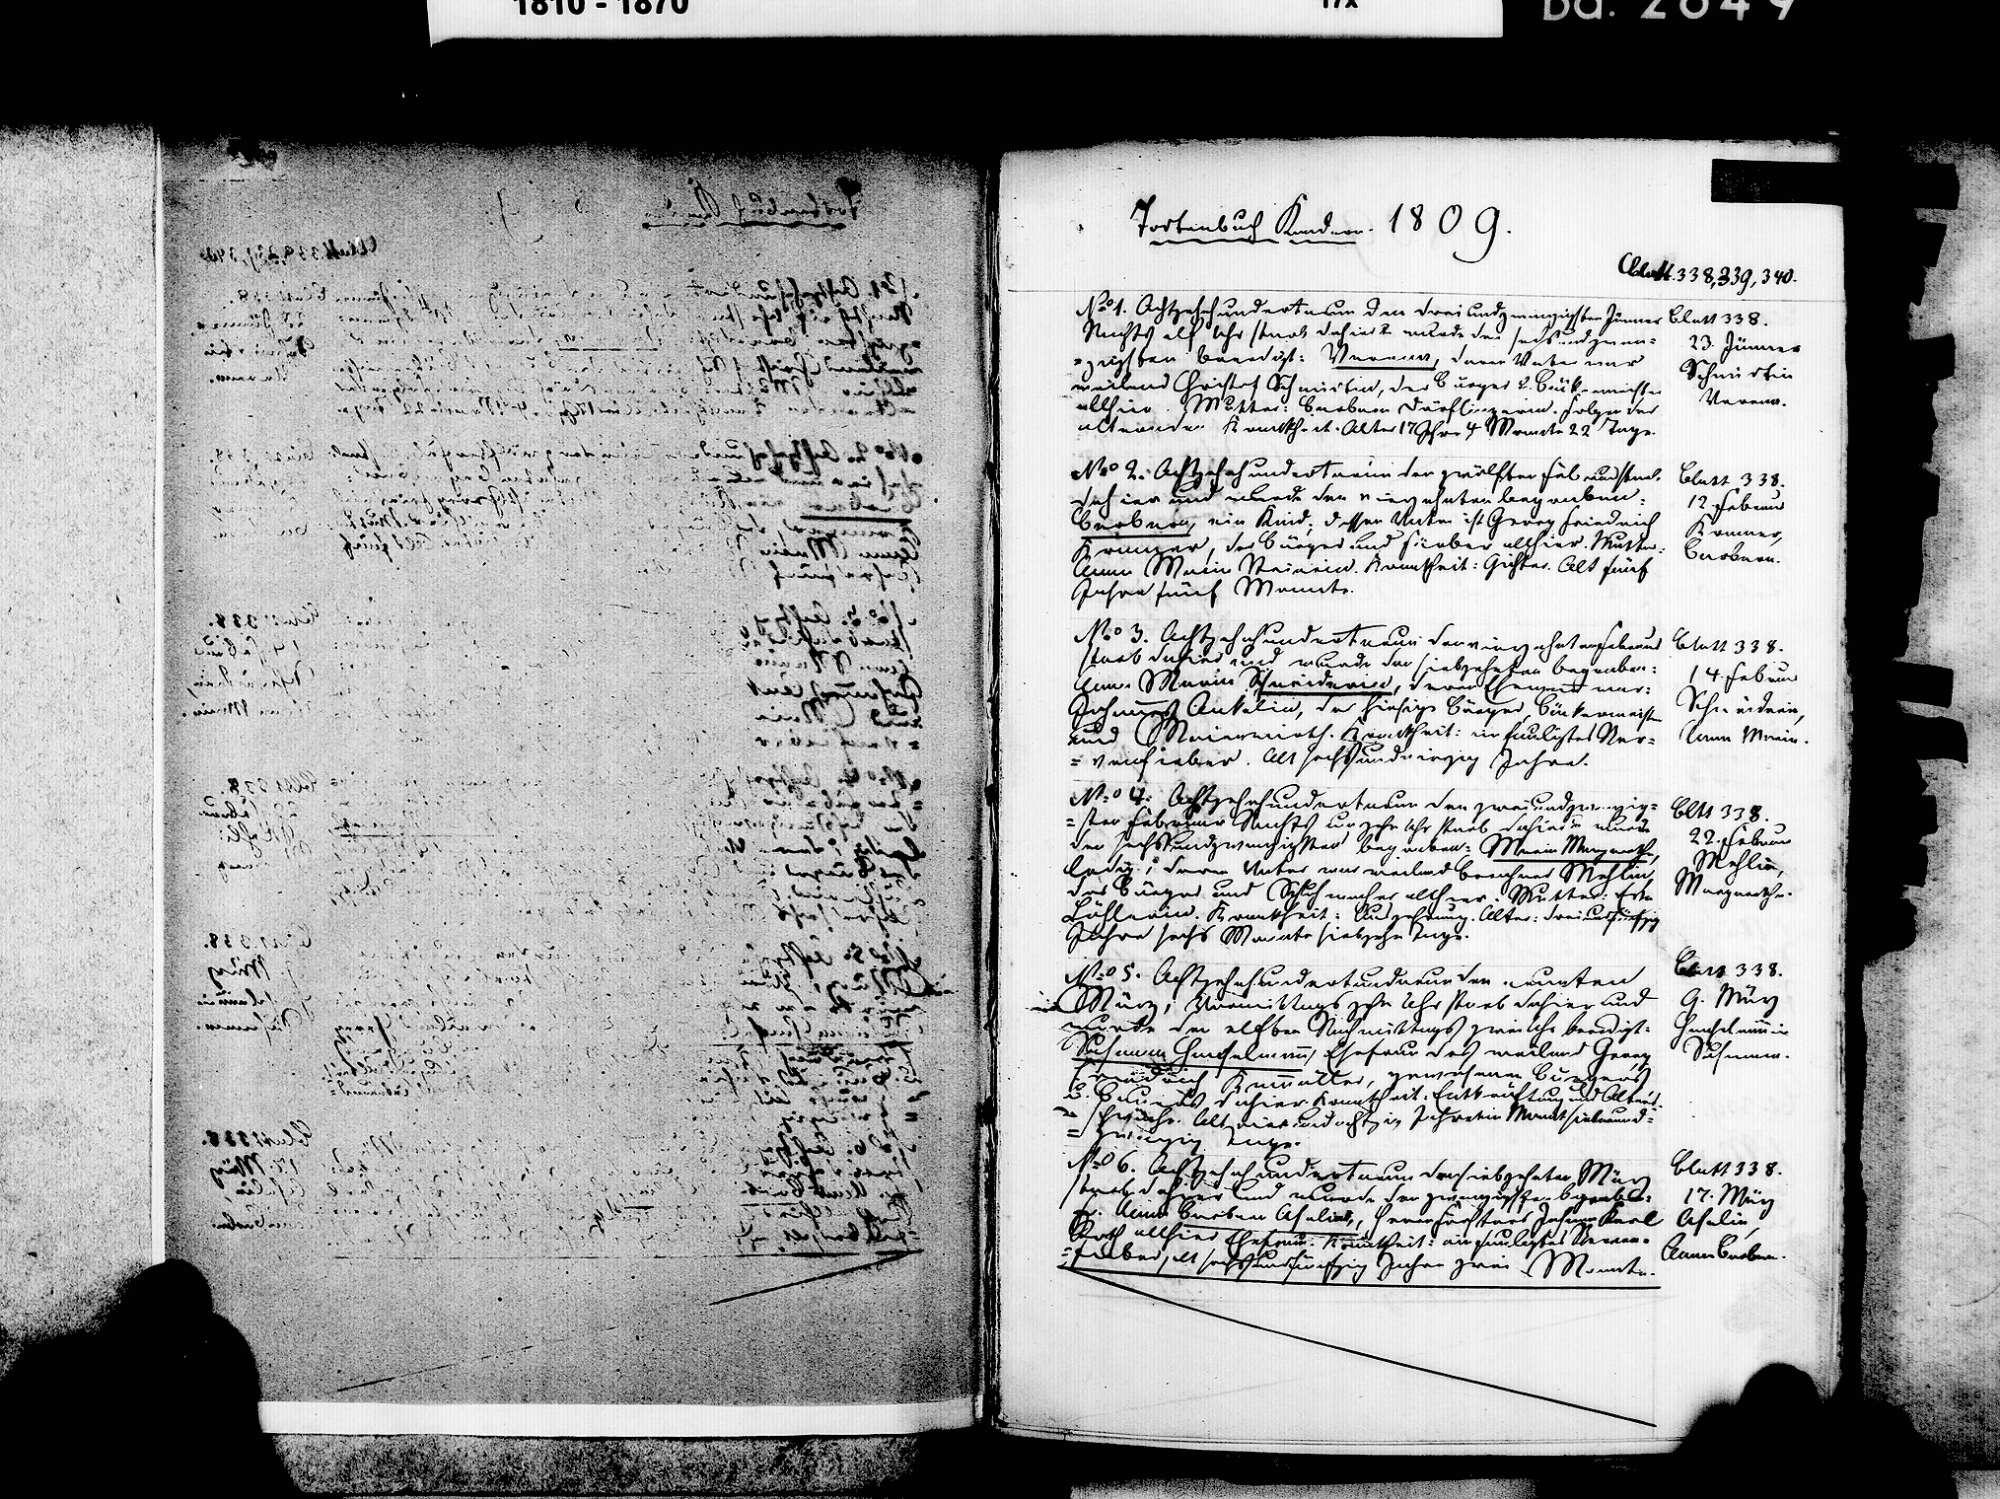 Kandern LÖ; Evangelische Gemeinde: Sterbebuch 1809-1825, Bild 3